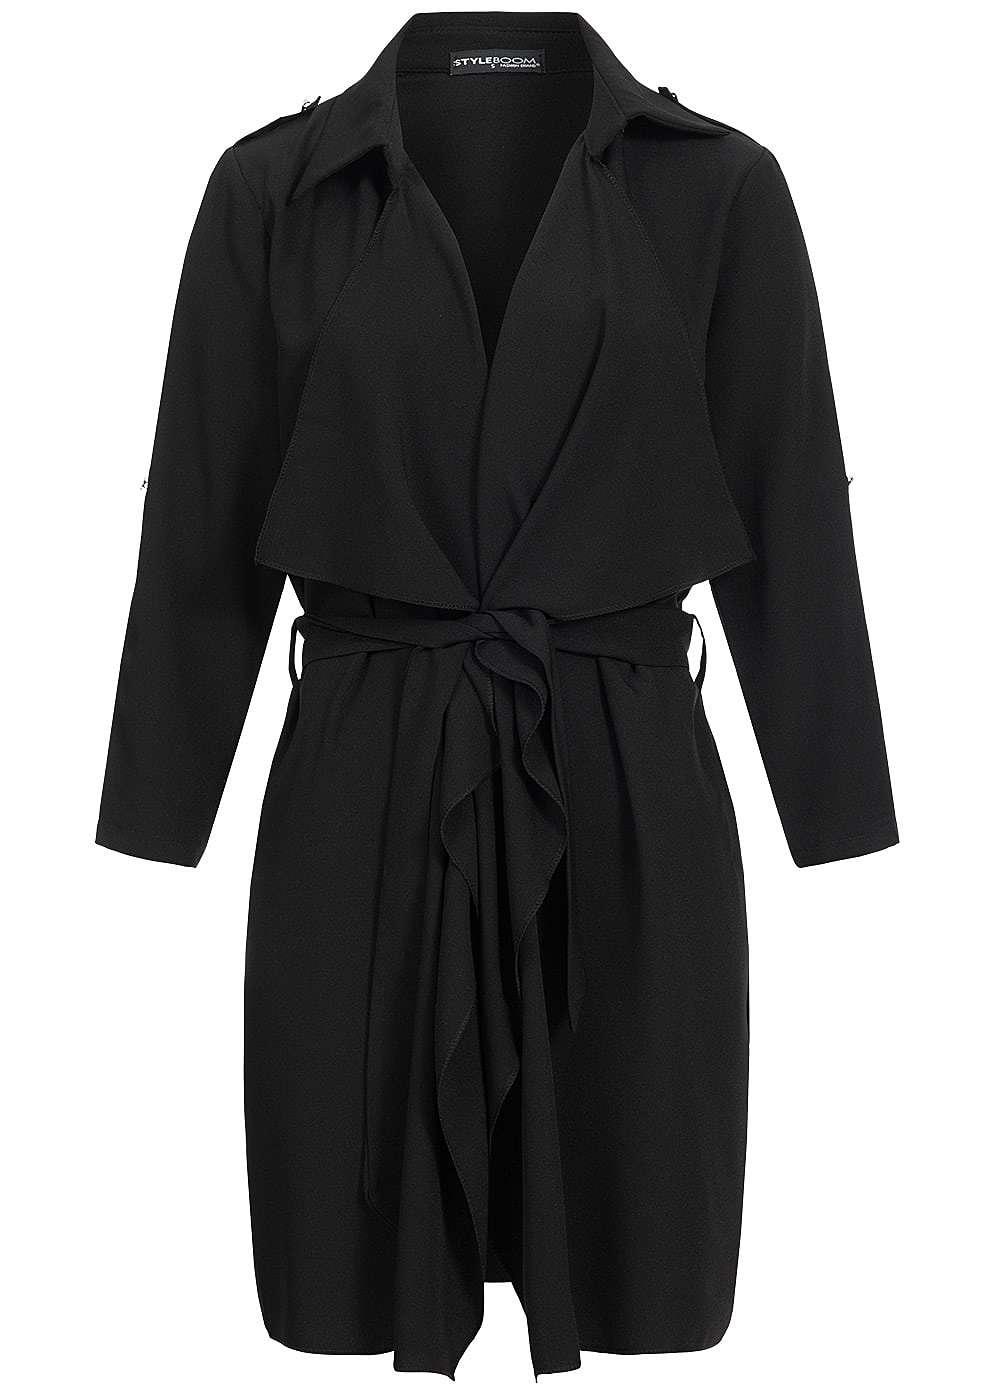 styleboom fashion damen sommer mantel turn up rmel offener schnitt bindeg rtel schwarz. Black Bedroom Furniture Sets. Home Design Ideas